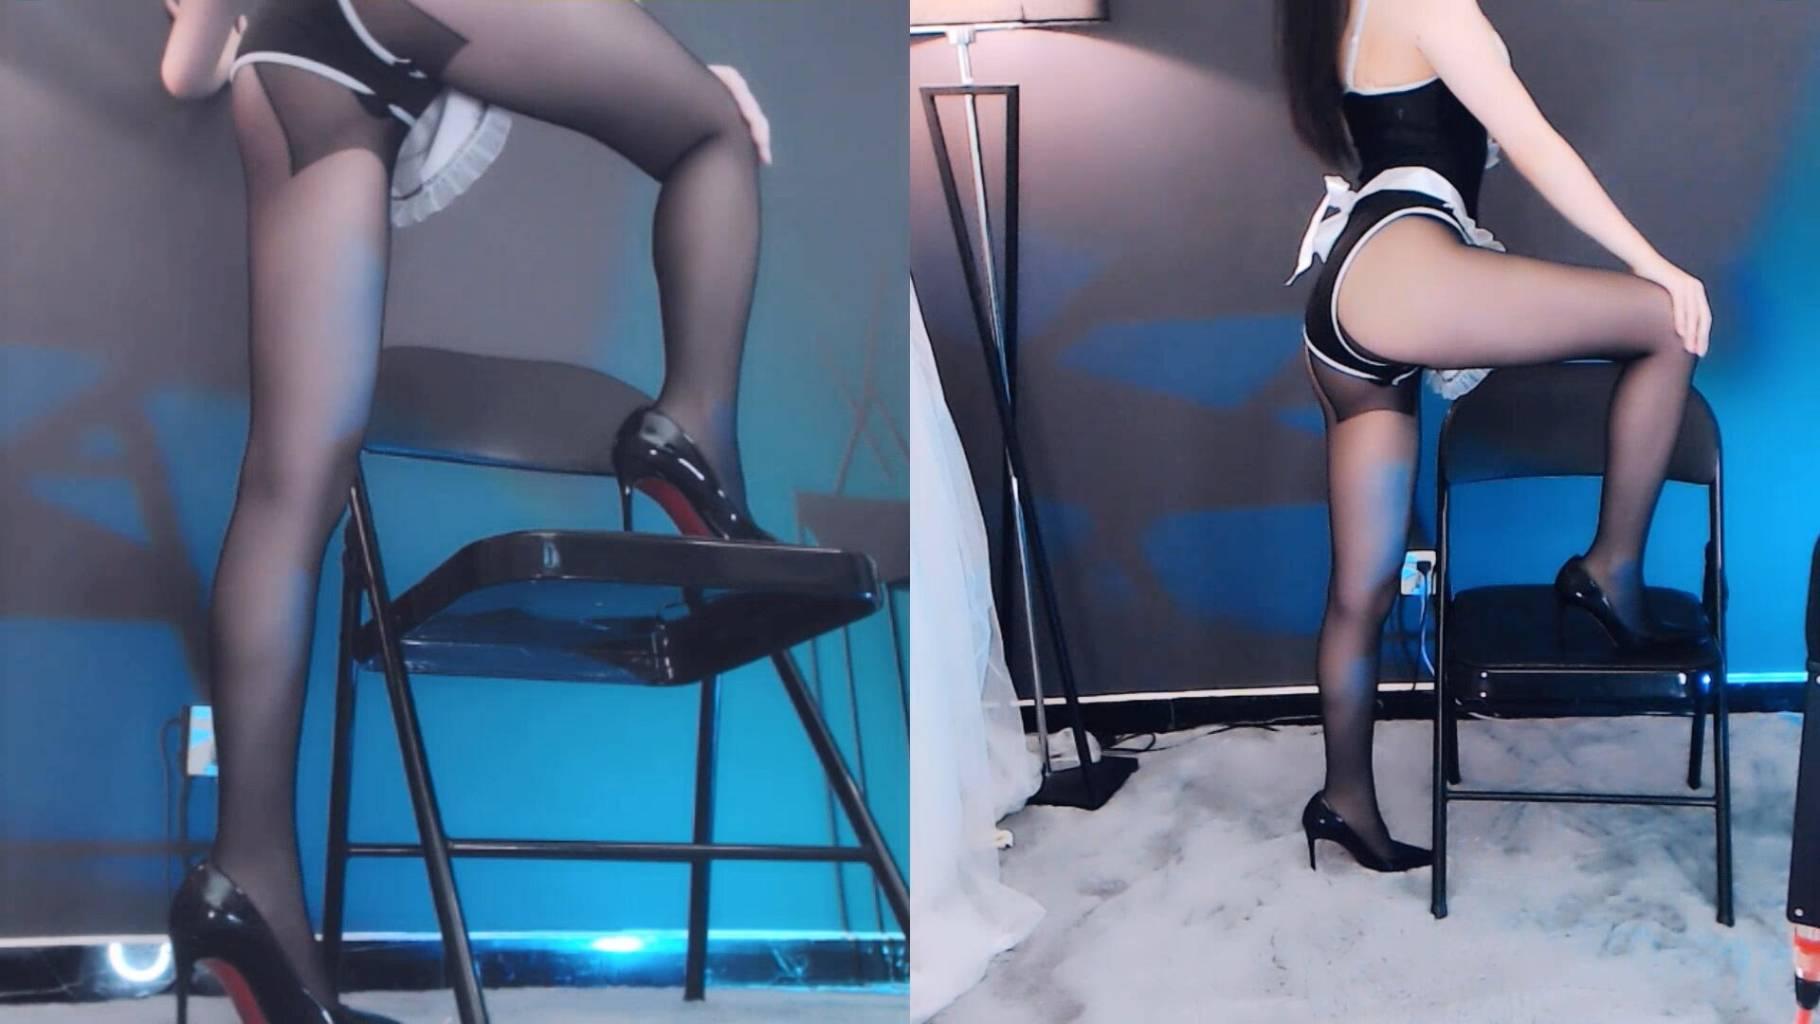 酱紫主播女仆装秀秀大长腿